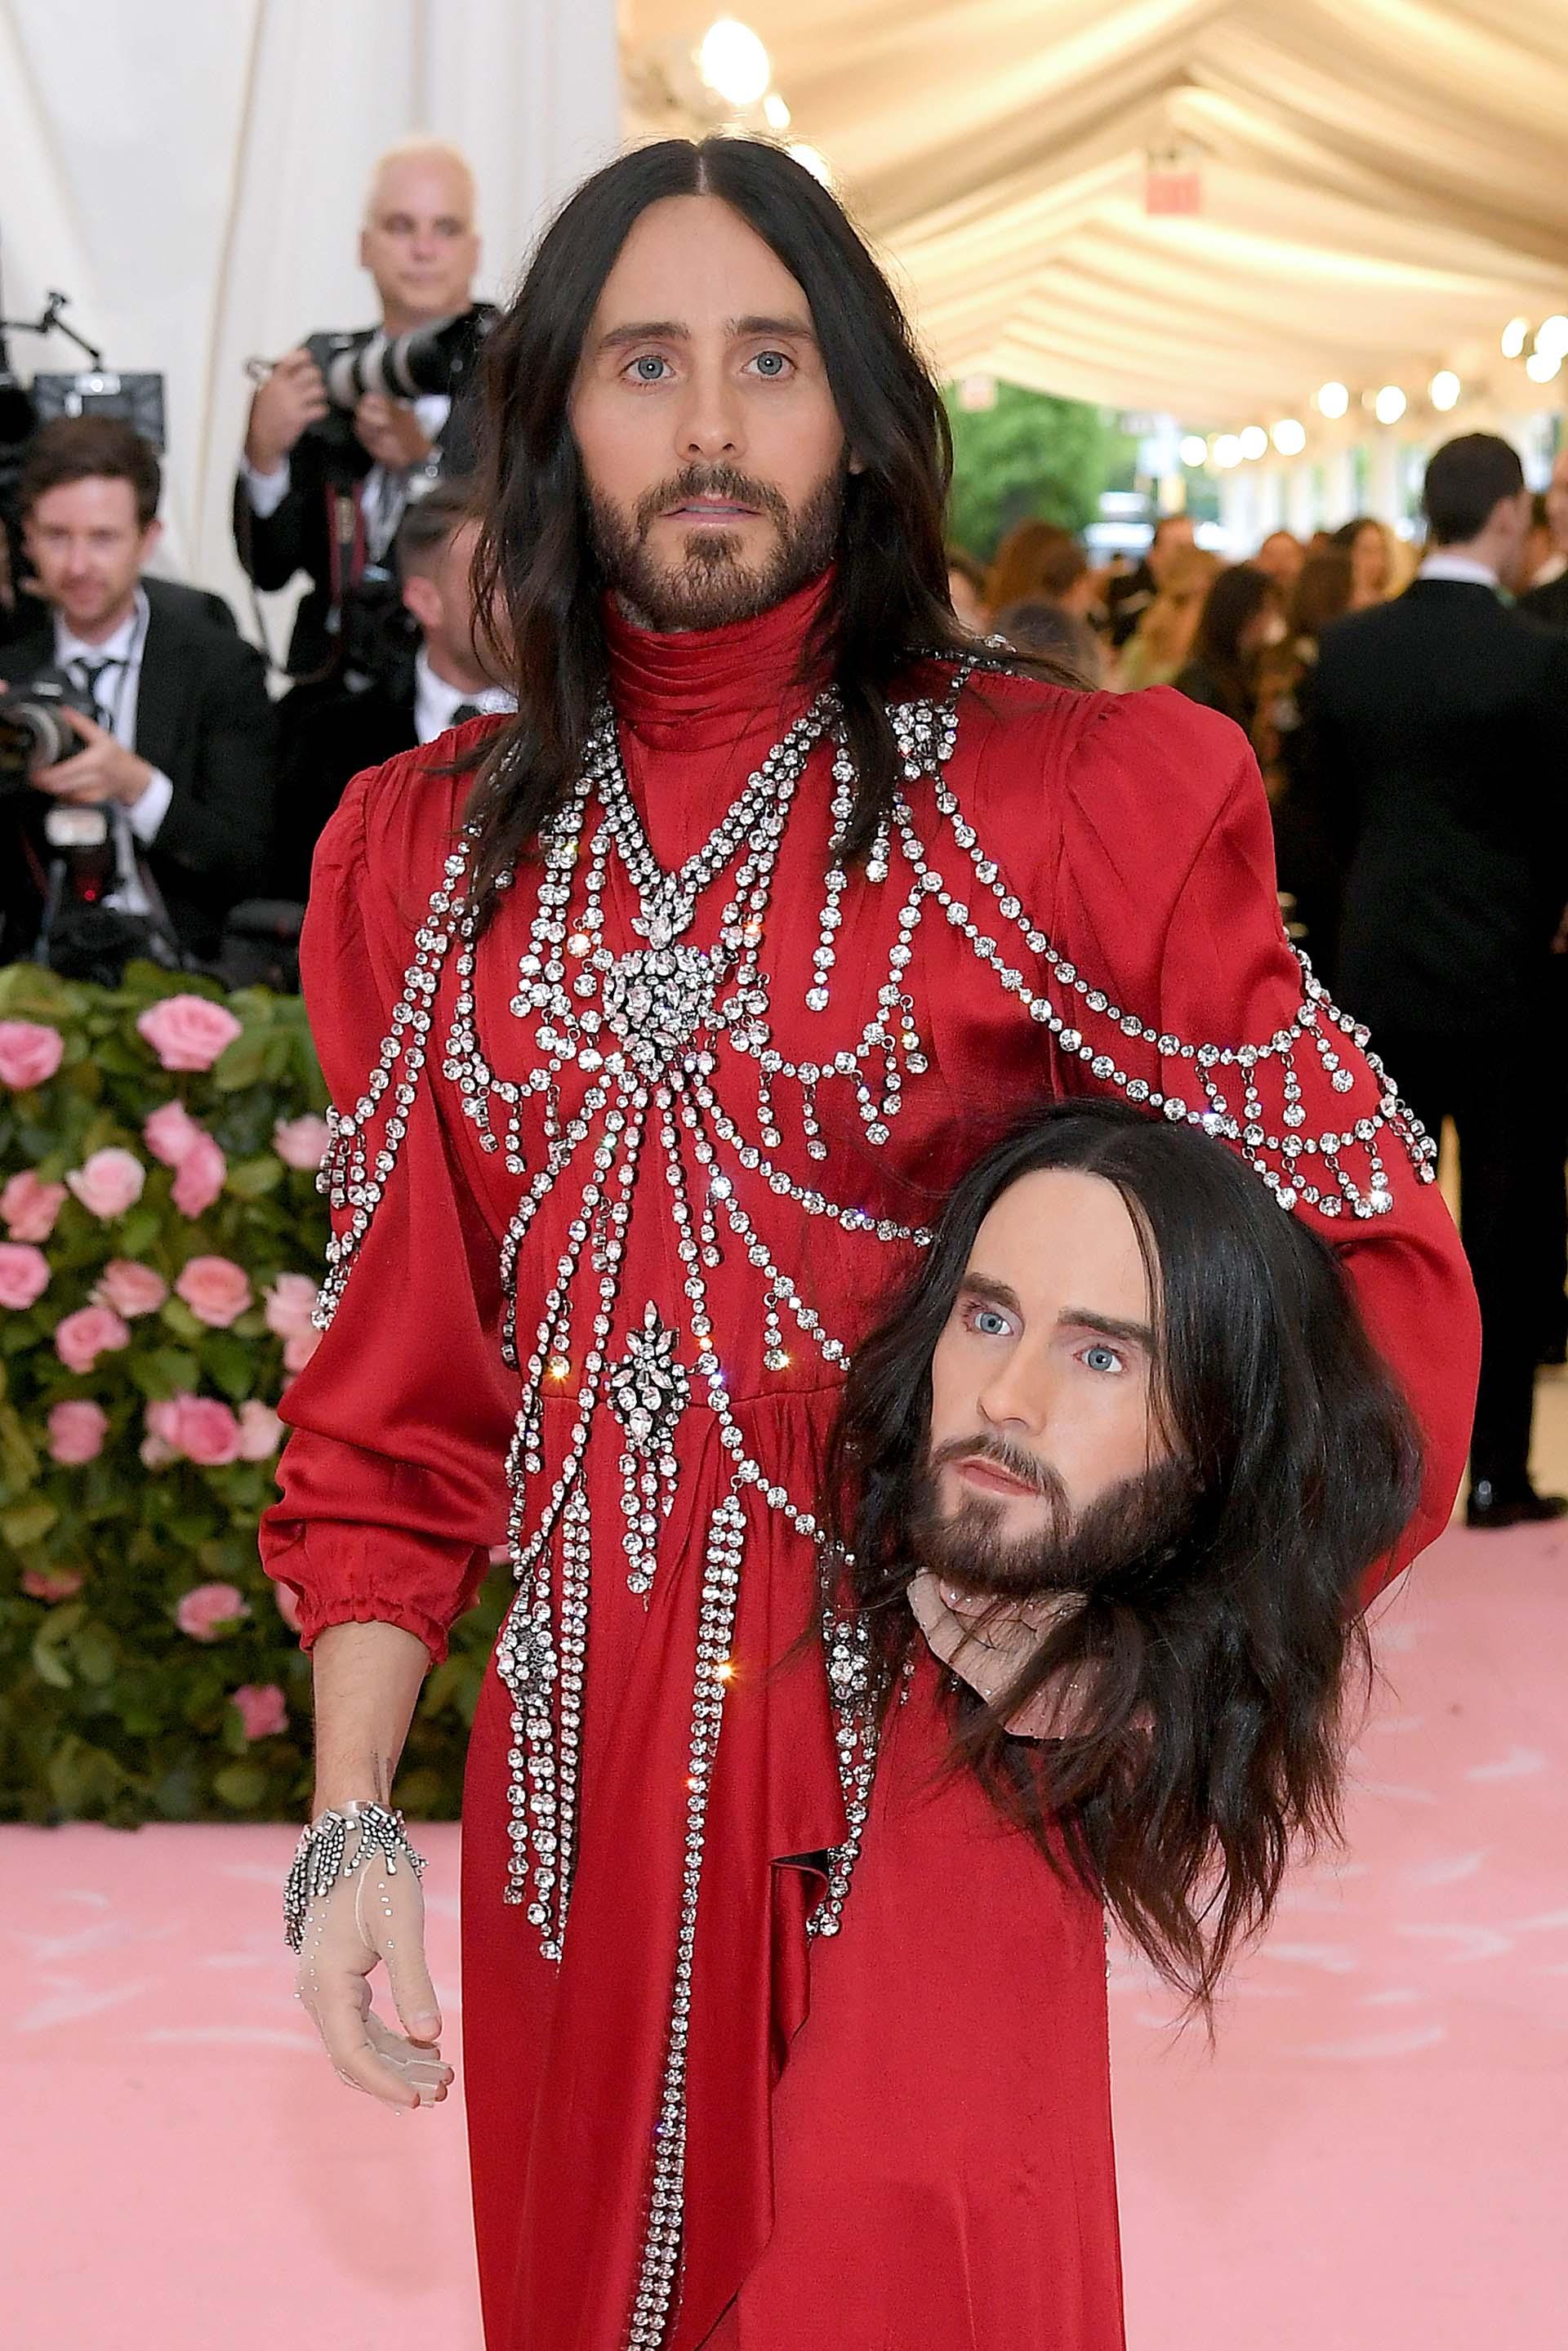 En un traje rojo con joyas plateadas de Gucci, Jared Leto llevó una réplica tamaño real de su cabeza haciendo honor al desfile otoño/invierno 2018 de la firma de lujo